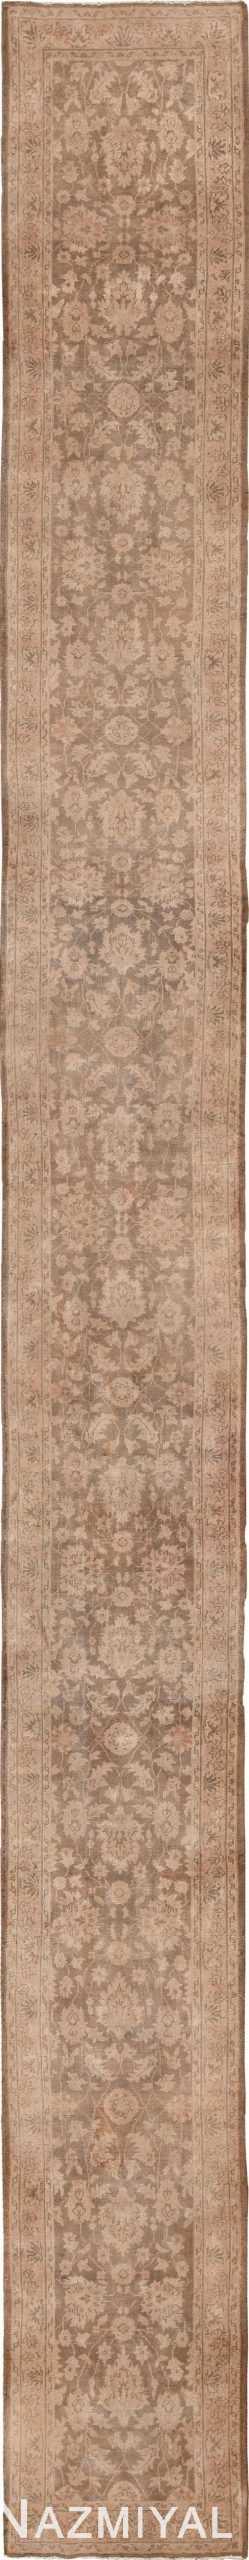 Long Vintage Turkish Sivas Runner Rug 50264 - Nazmiyal